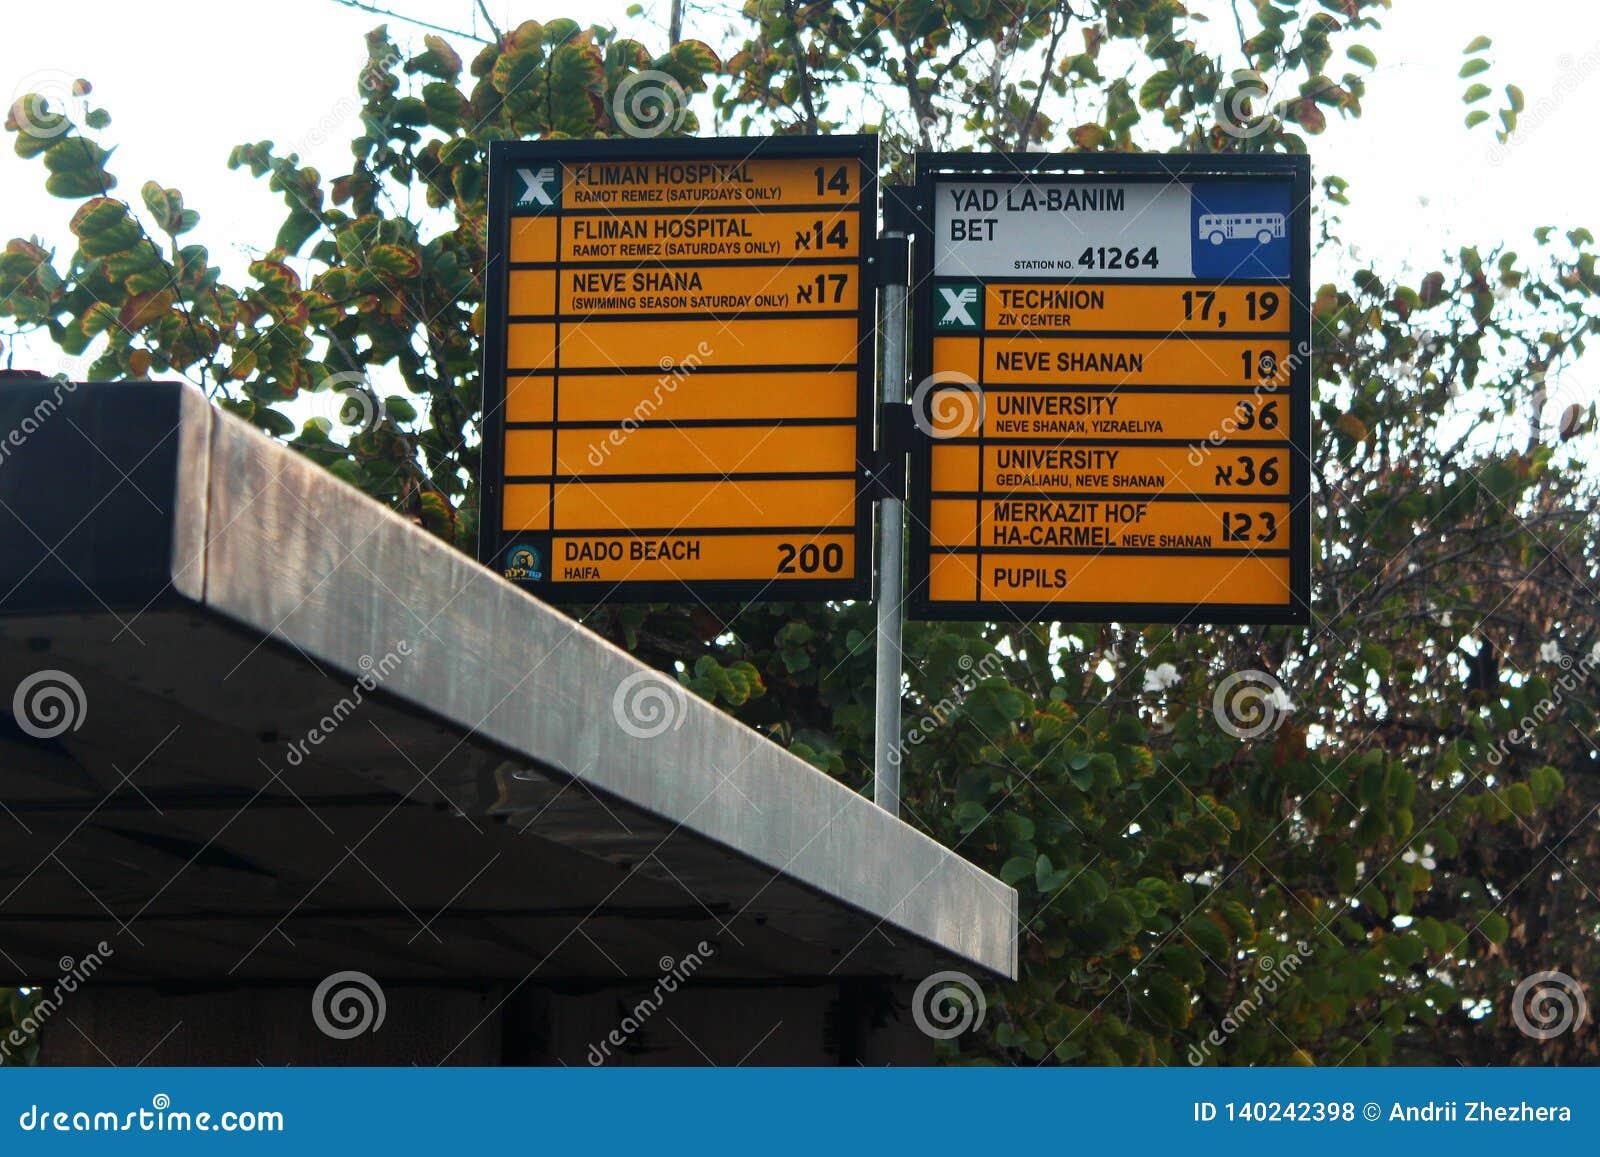 Το πιάτο σημαδιών με τα ονόματα των τοπικών στάσεων λεωφορείου και η πόλη μεταφέρουν τις διαδρομές στη Χάιφα, Ισραήλ